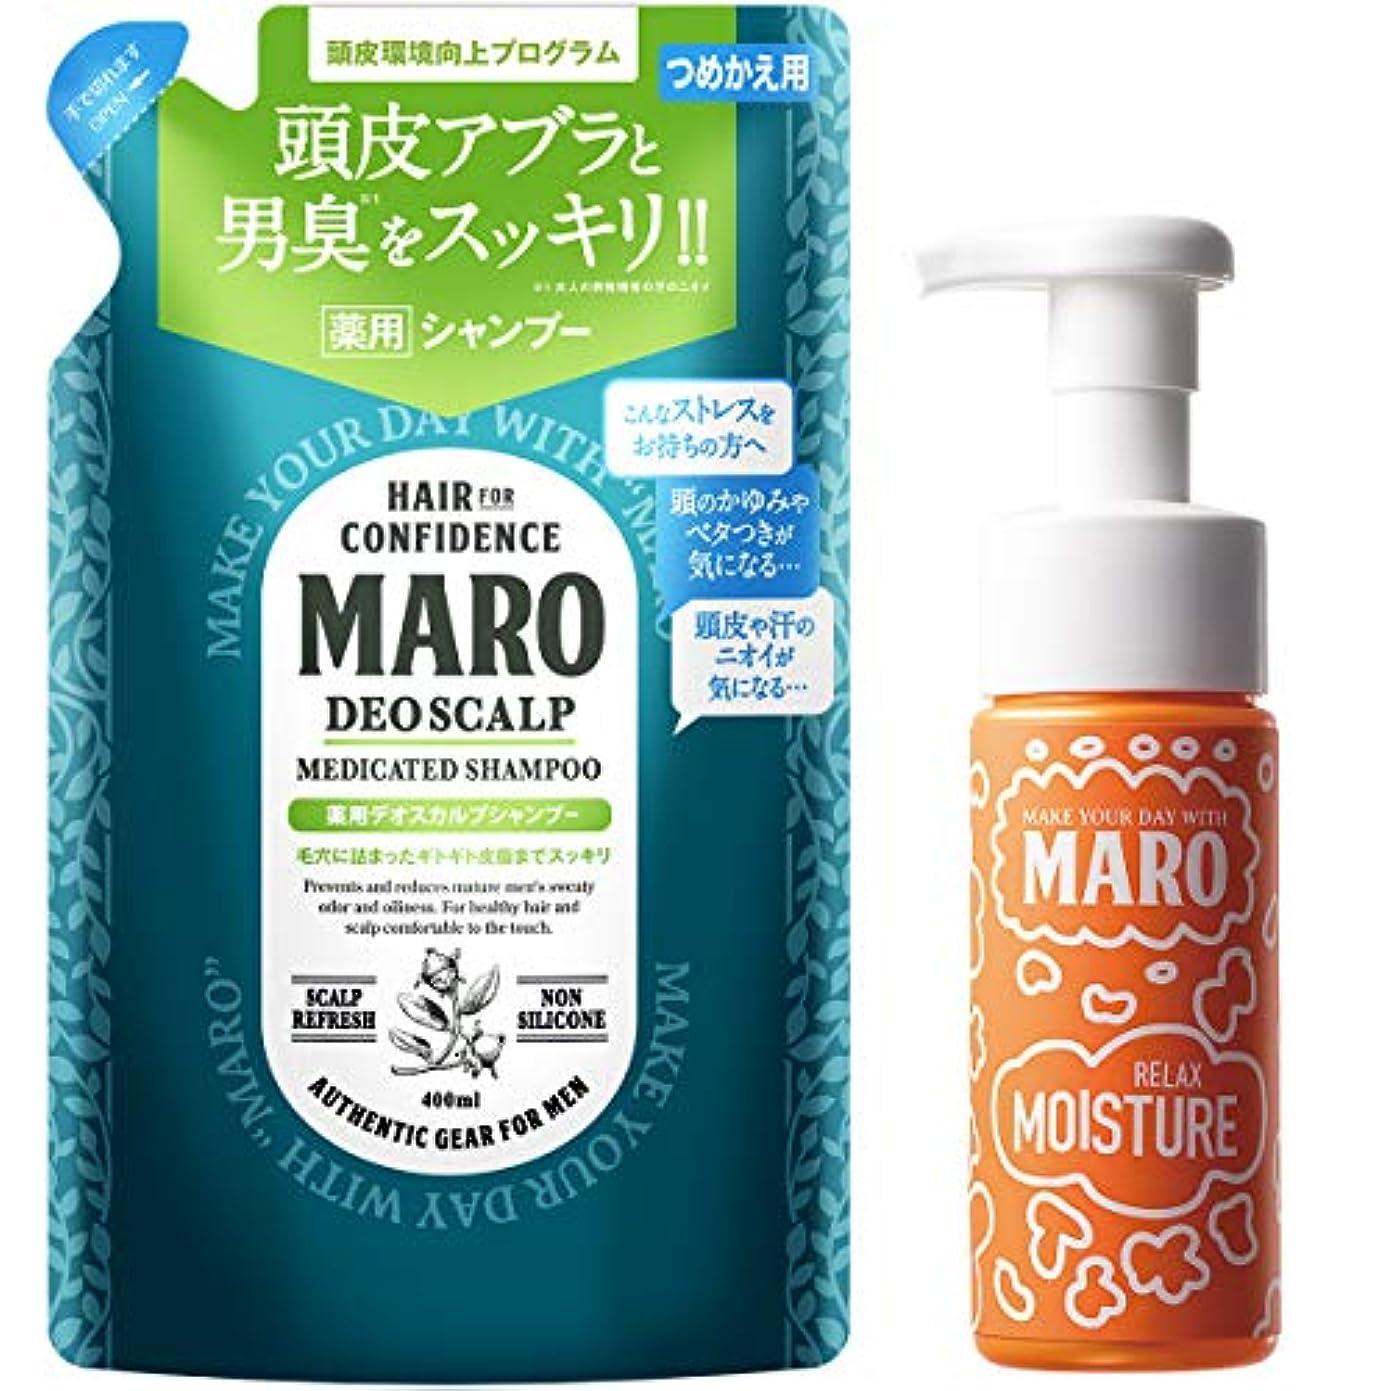 モックメナジェリー呪われたMARO(マーロ) 薬用デオスカルプシャンプー 泡洗顔付き セット 400ml+150ml